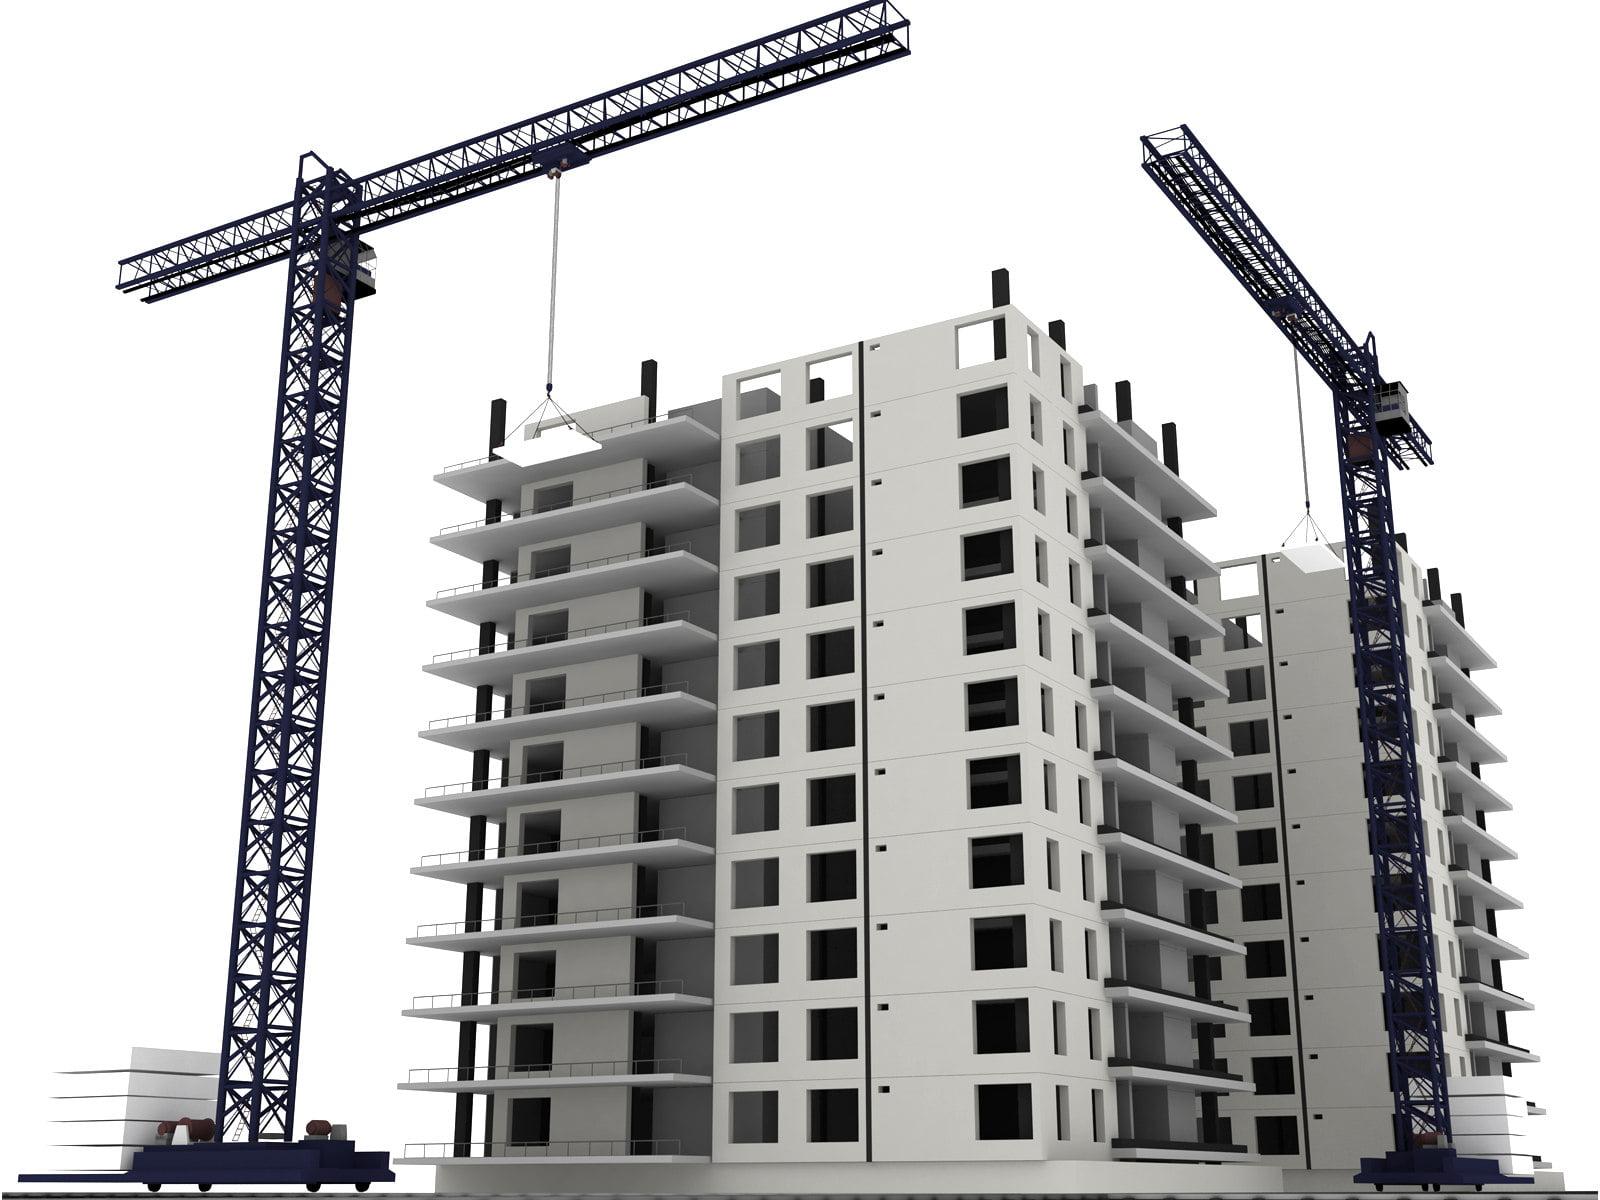 Ahuja Concrete-ConstructionBuilding